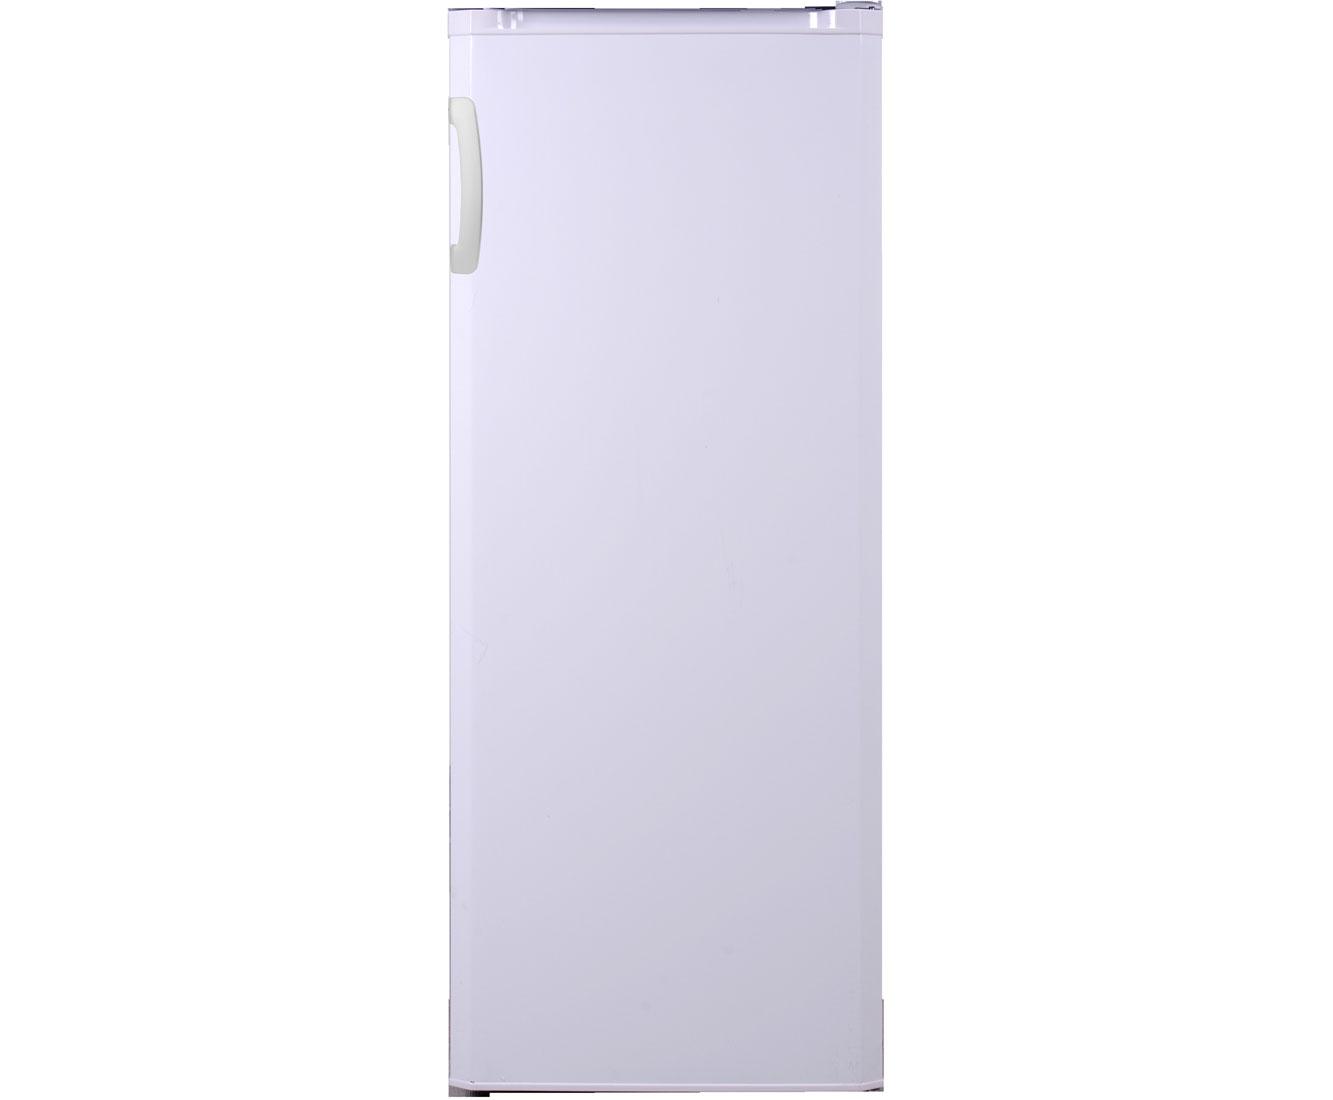 Amica Kühlschrank Zubehör : Amica vks 354 100 w kühlschrank weiß a